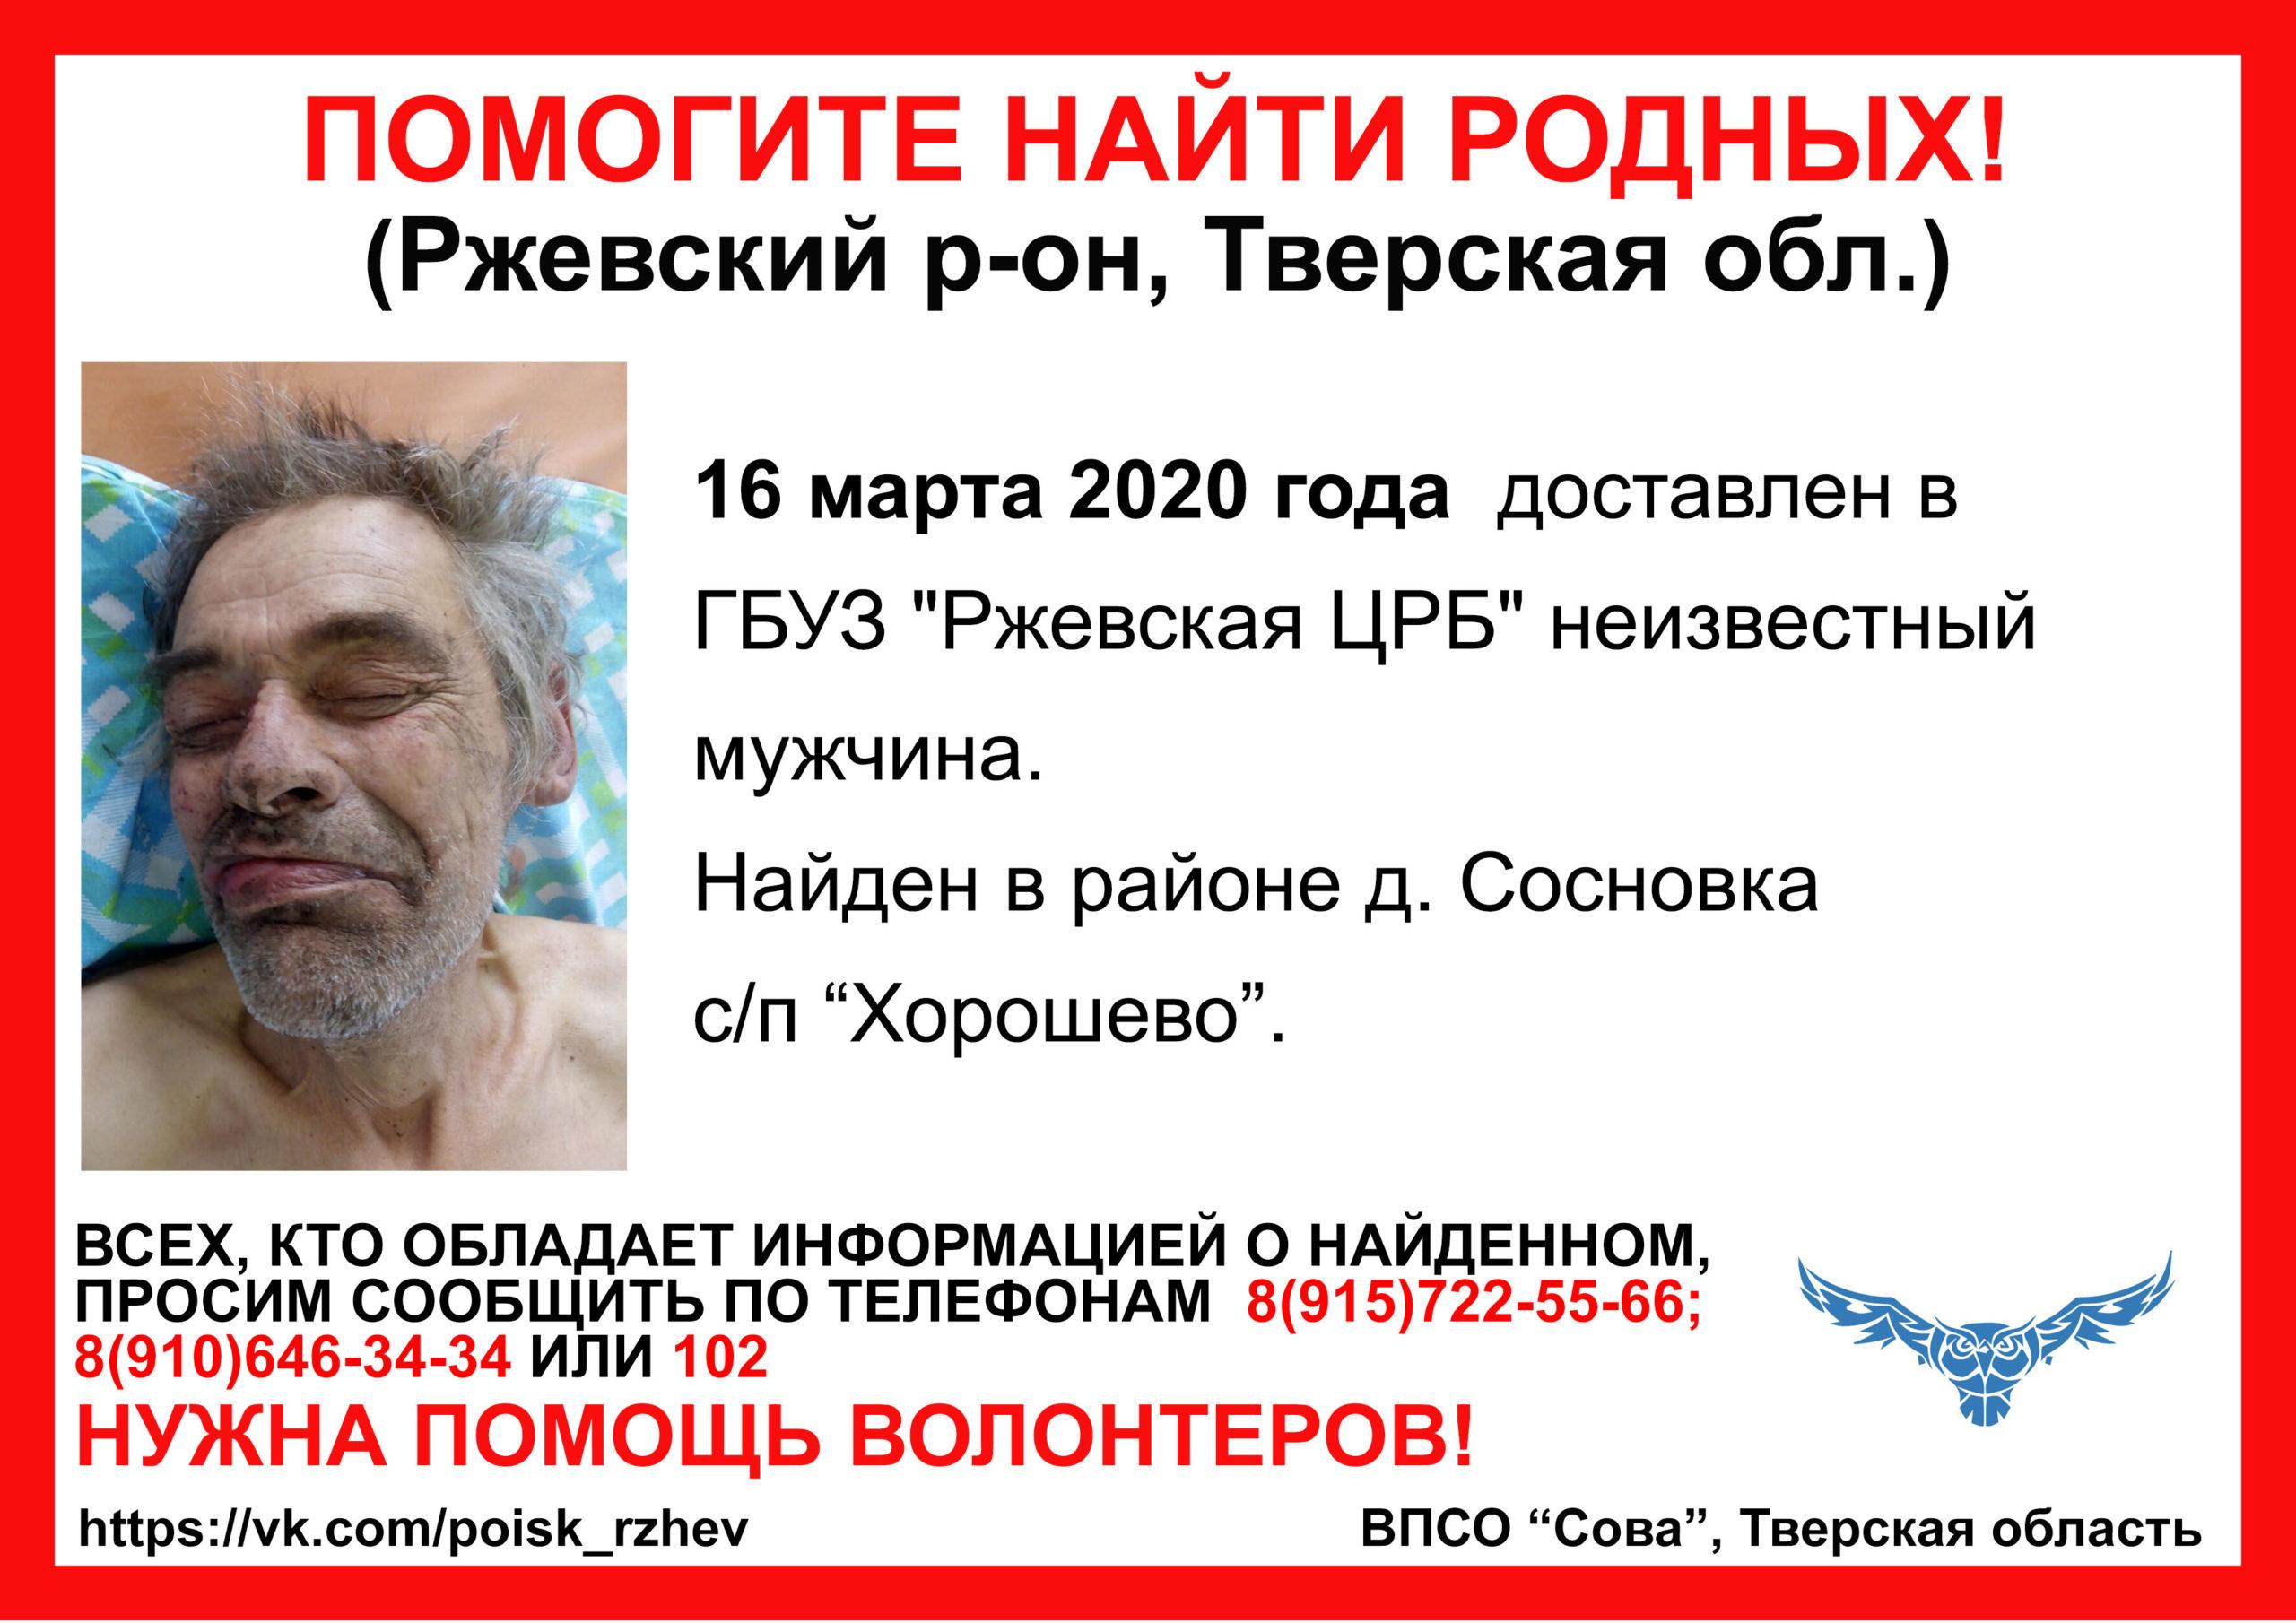 Ищут родственников найденного в Тверской области мужчины